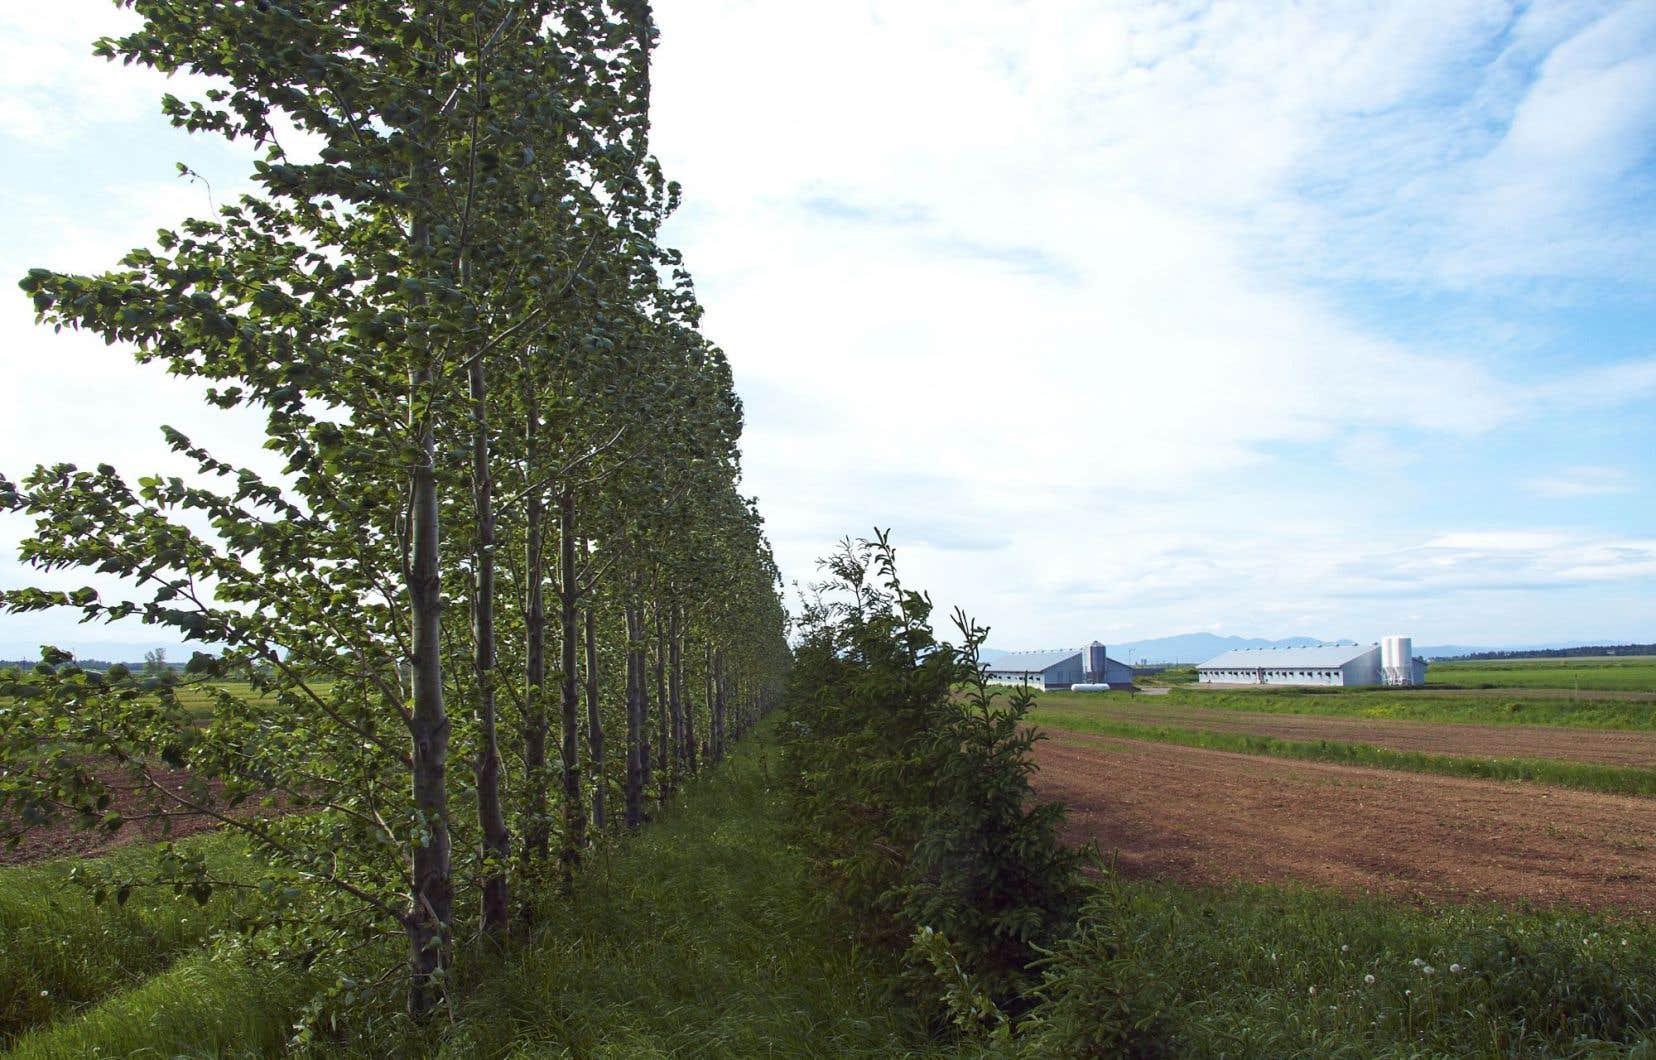 La plantation de haies brise-vent protège, entre autres, de l'érosion des sols.